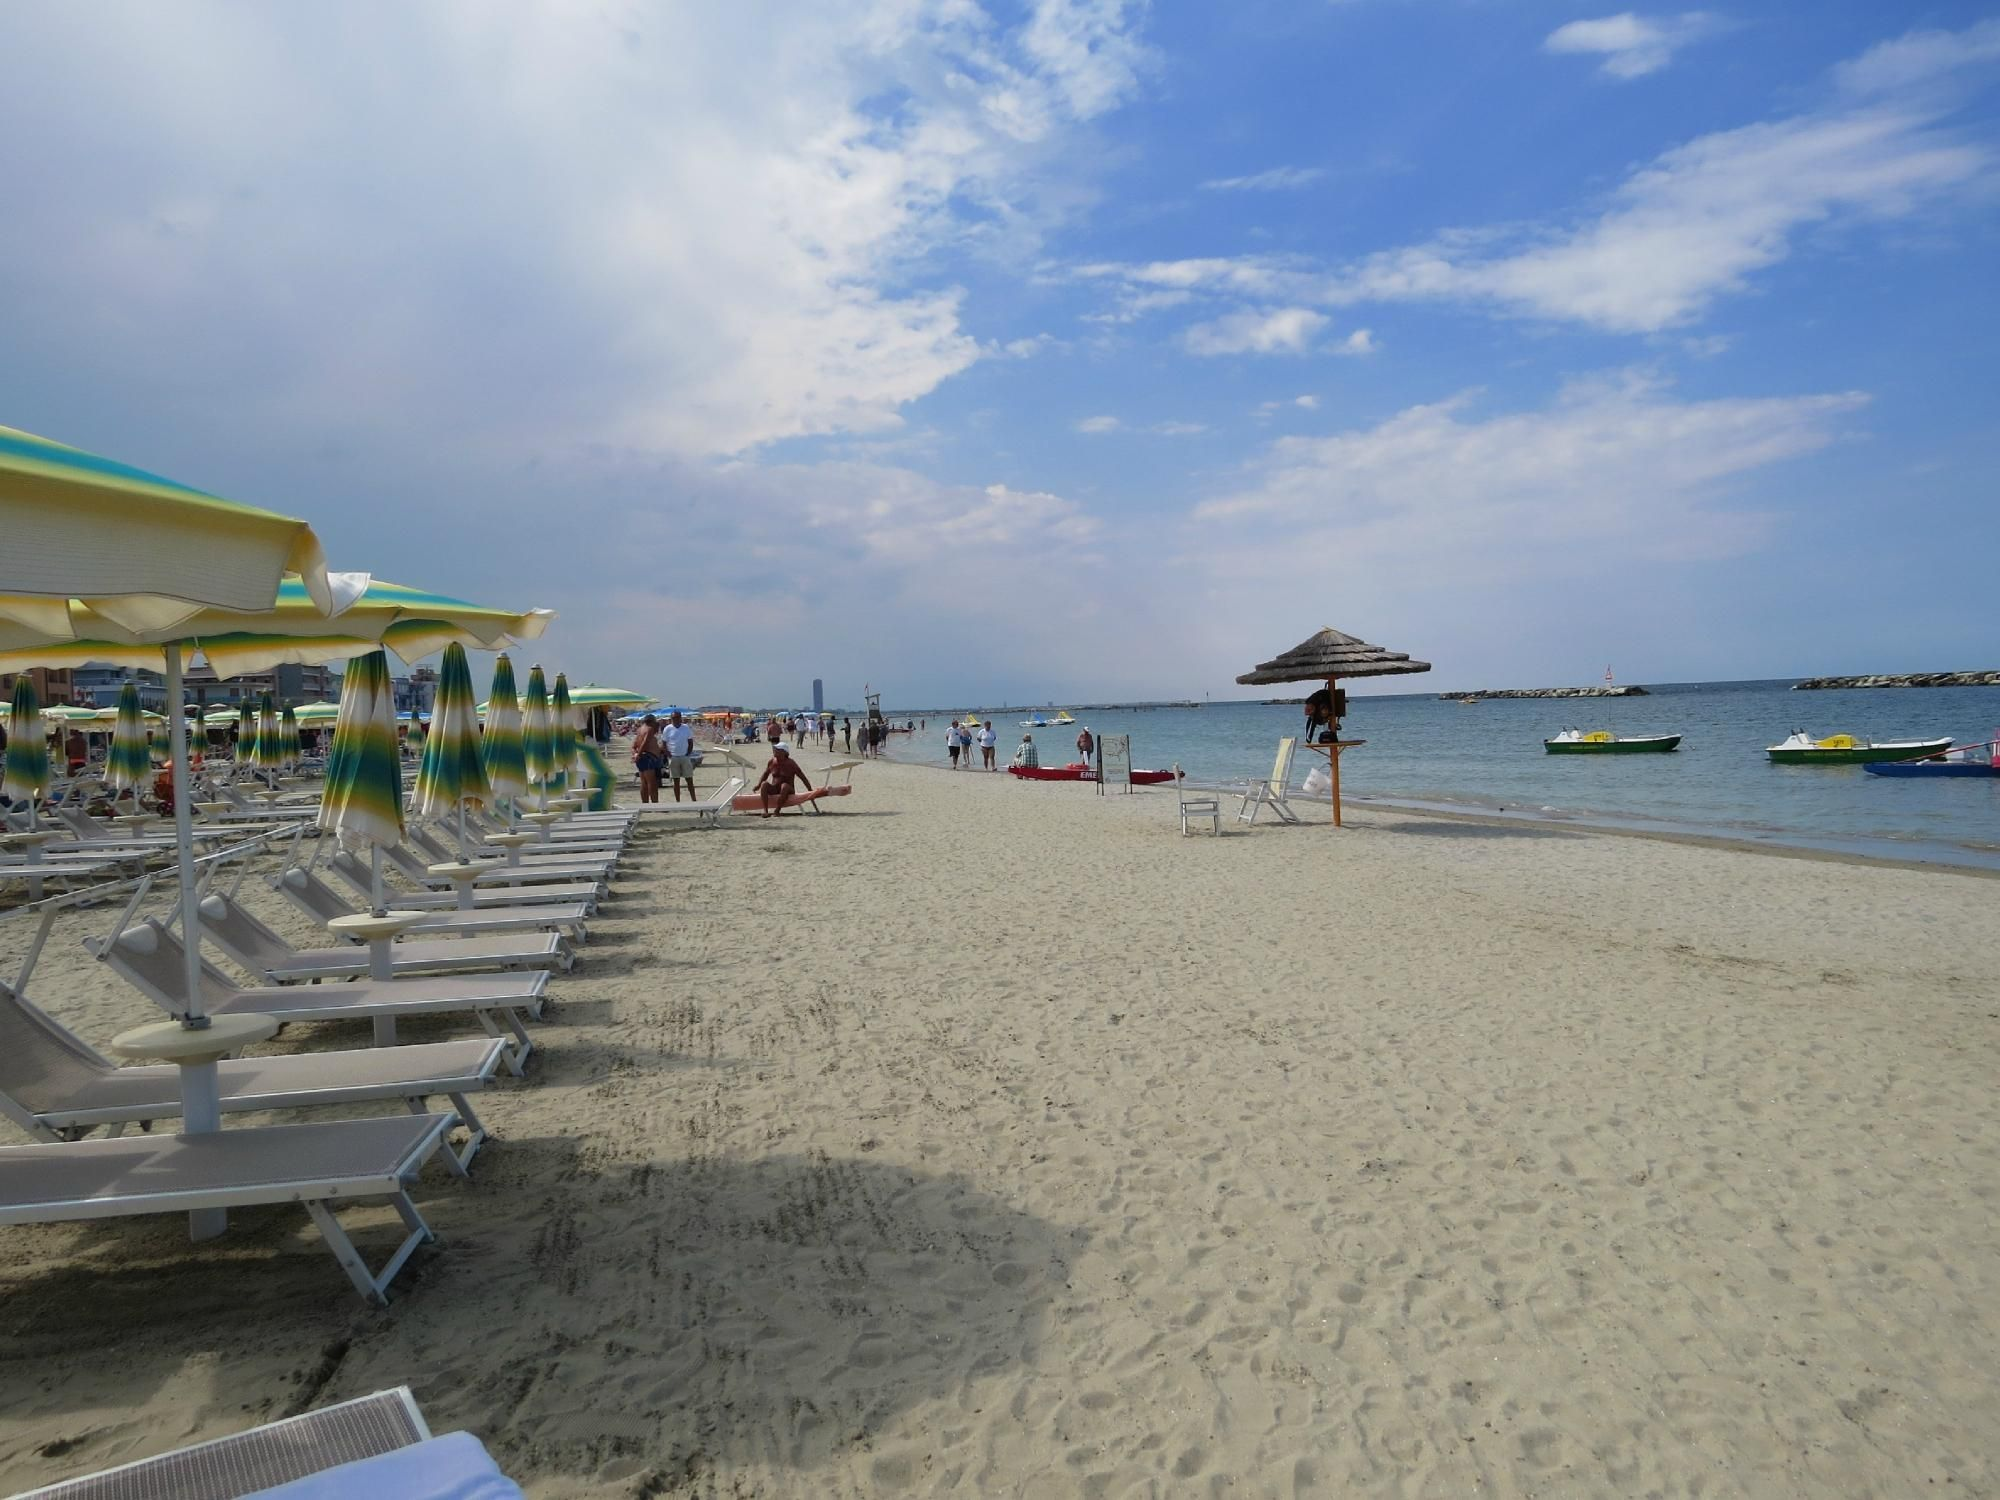 Spiaggia di gatteo a mare riviera romagnola spiagge italiane su - Bagno davide gatteo mare ...